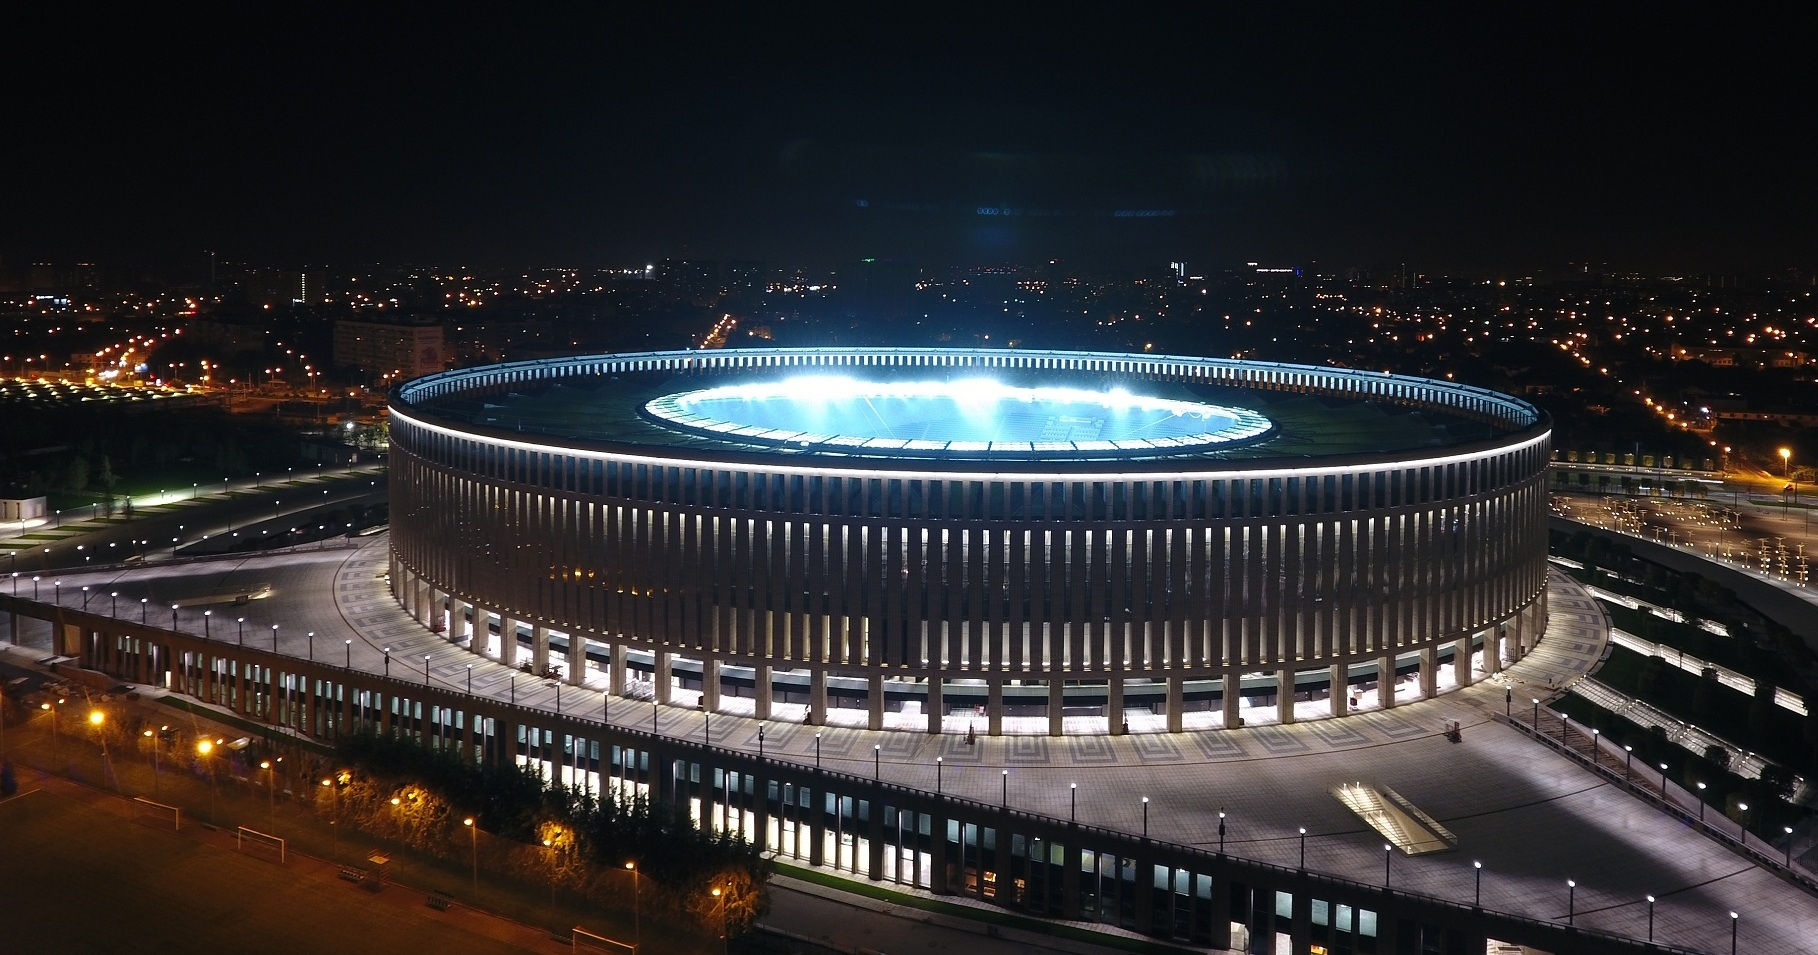 краснодарский стадион фото может быть